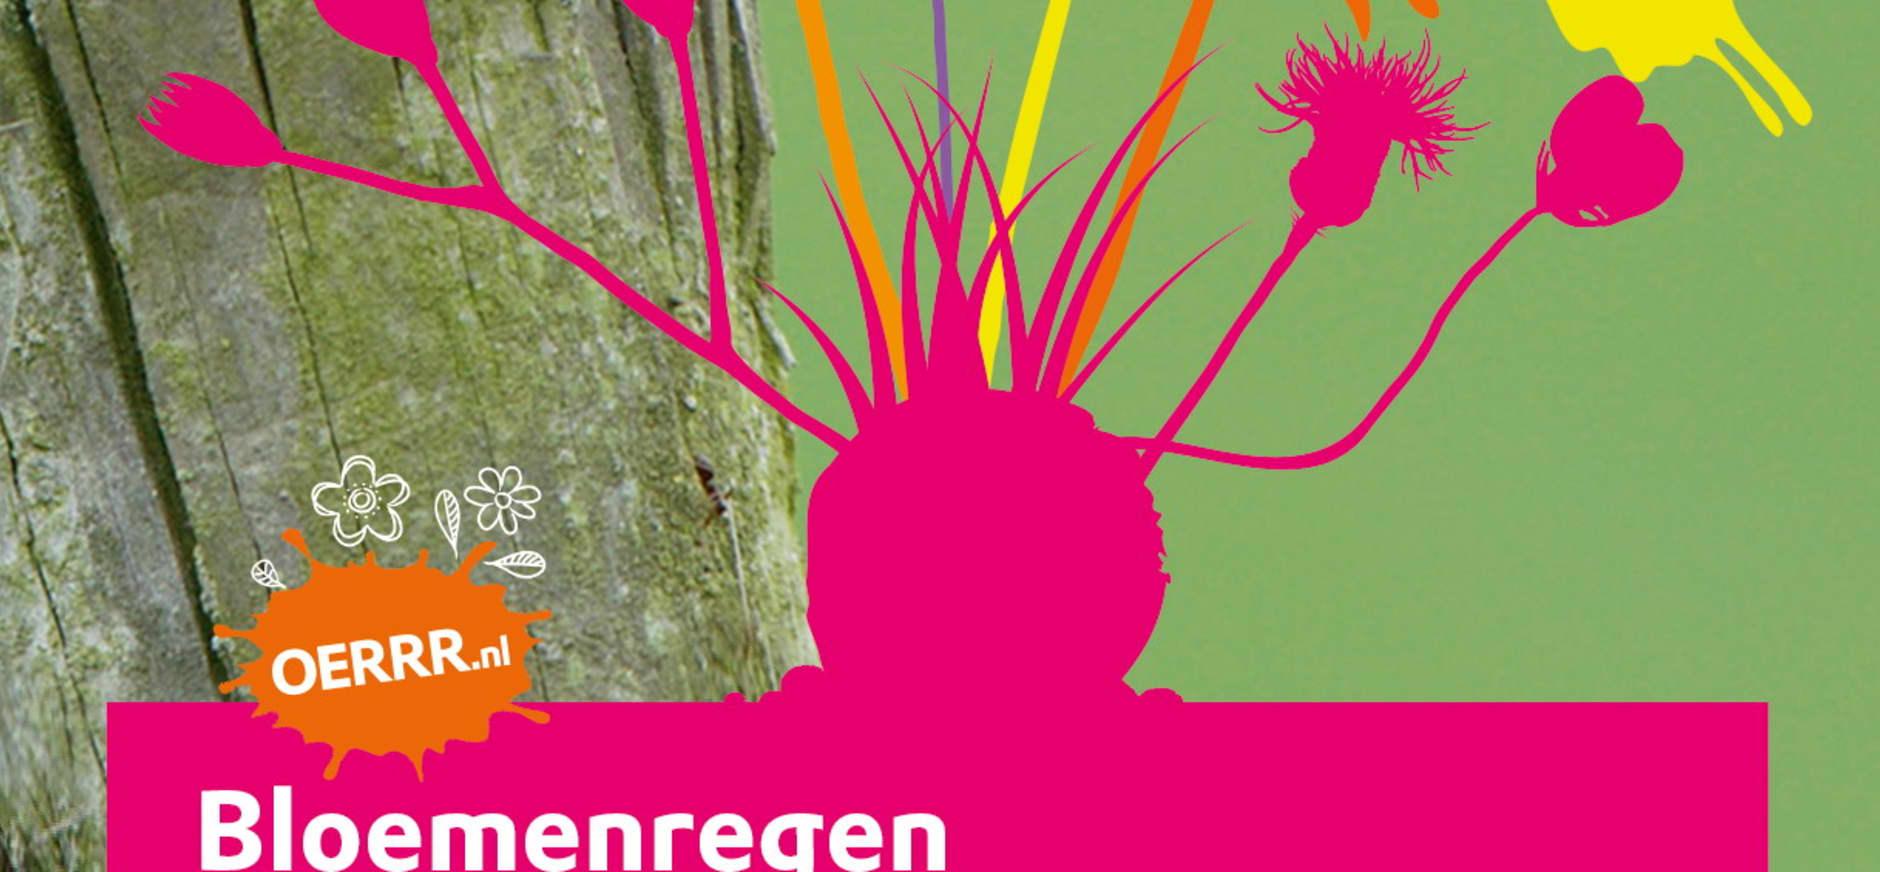 Kinderen van OERRR zetten Nederland in bloei